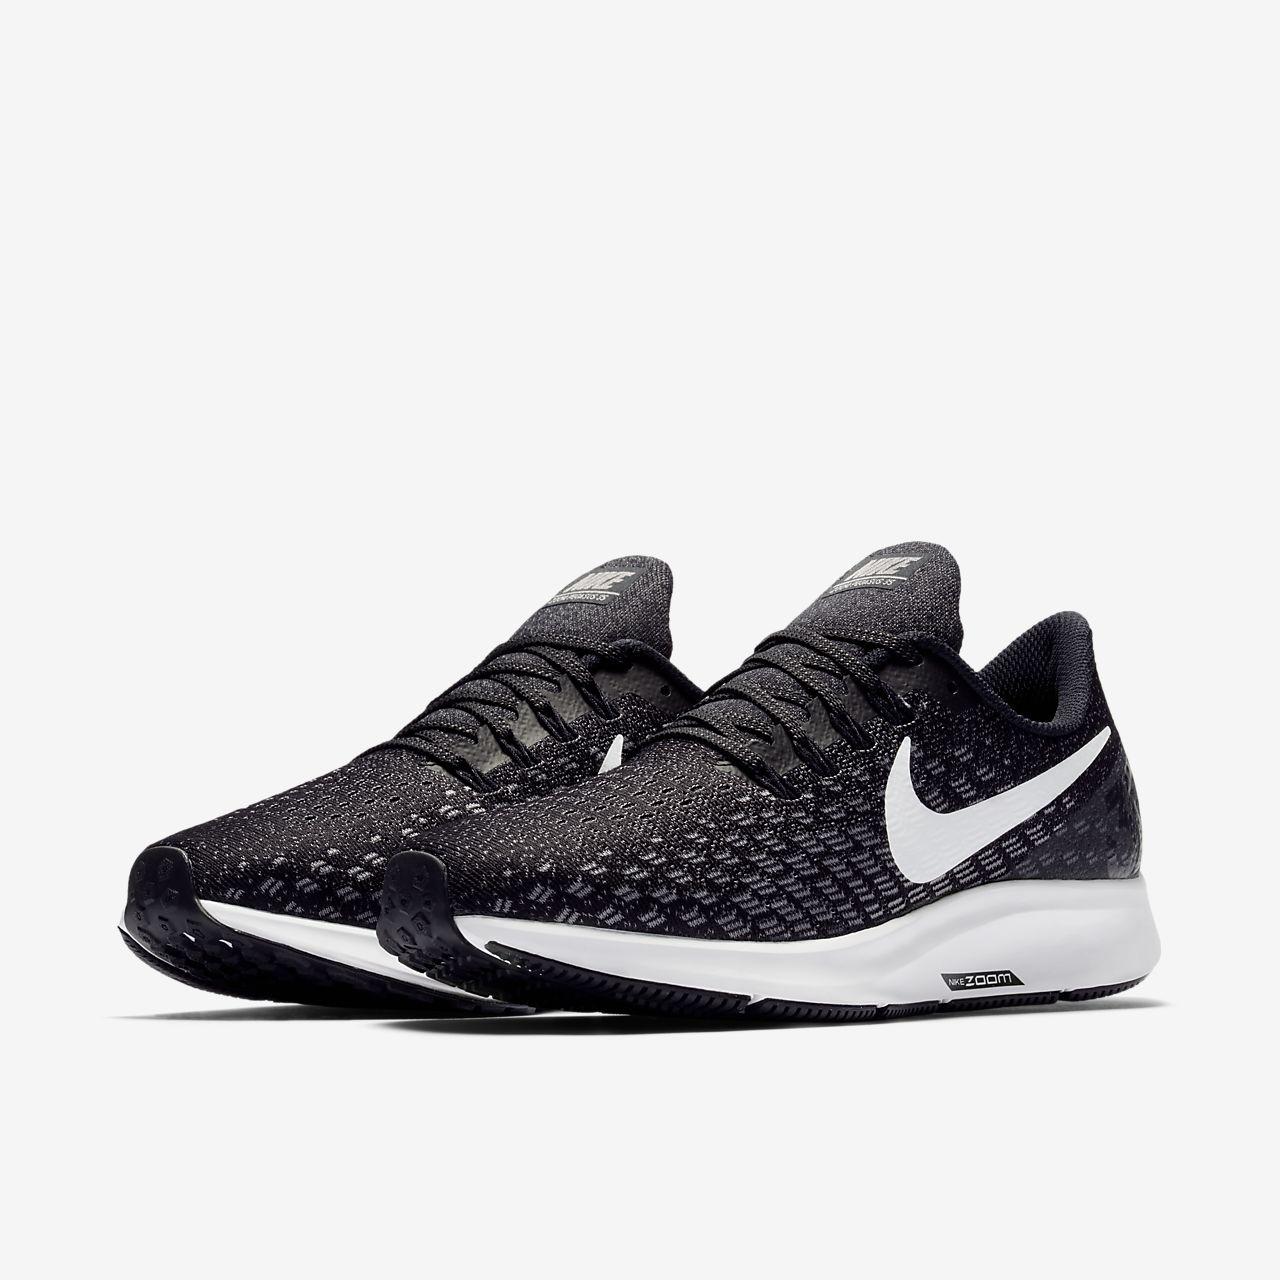 e512d128317 Nike Air Zoom Pegasus 35 Women s Running Shoe (Wide). Nike.com AU